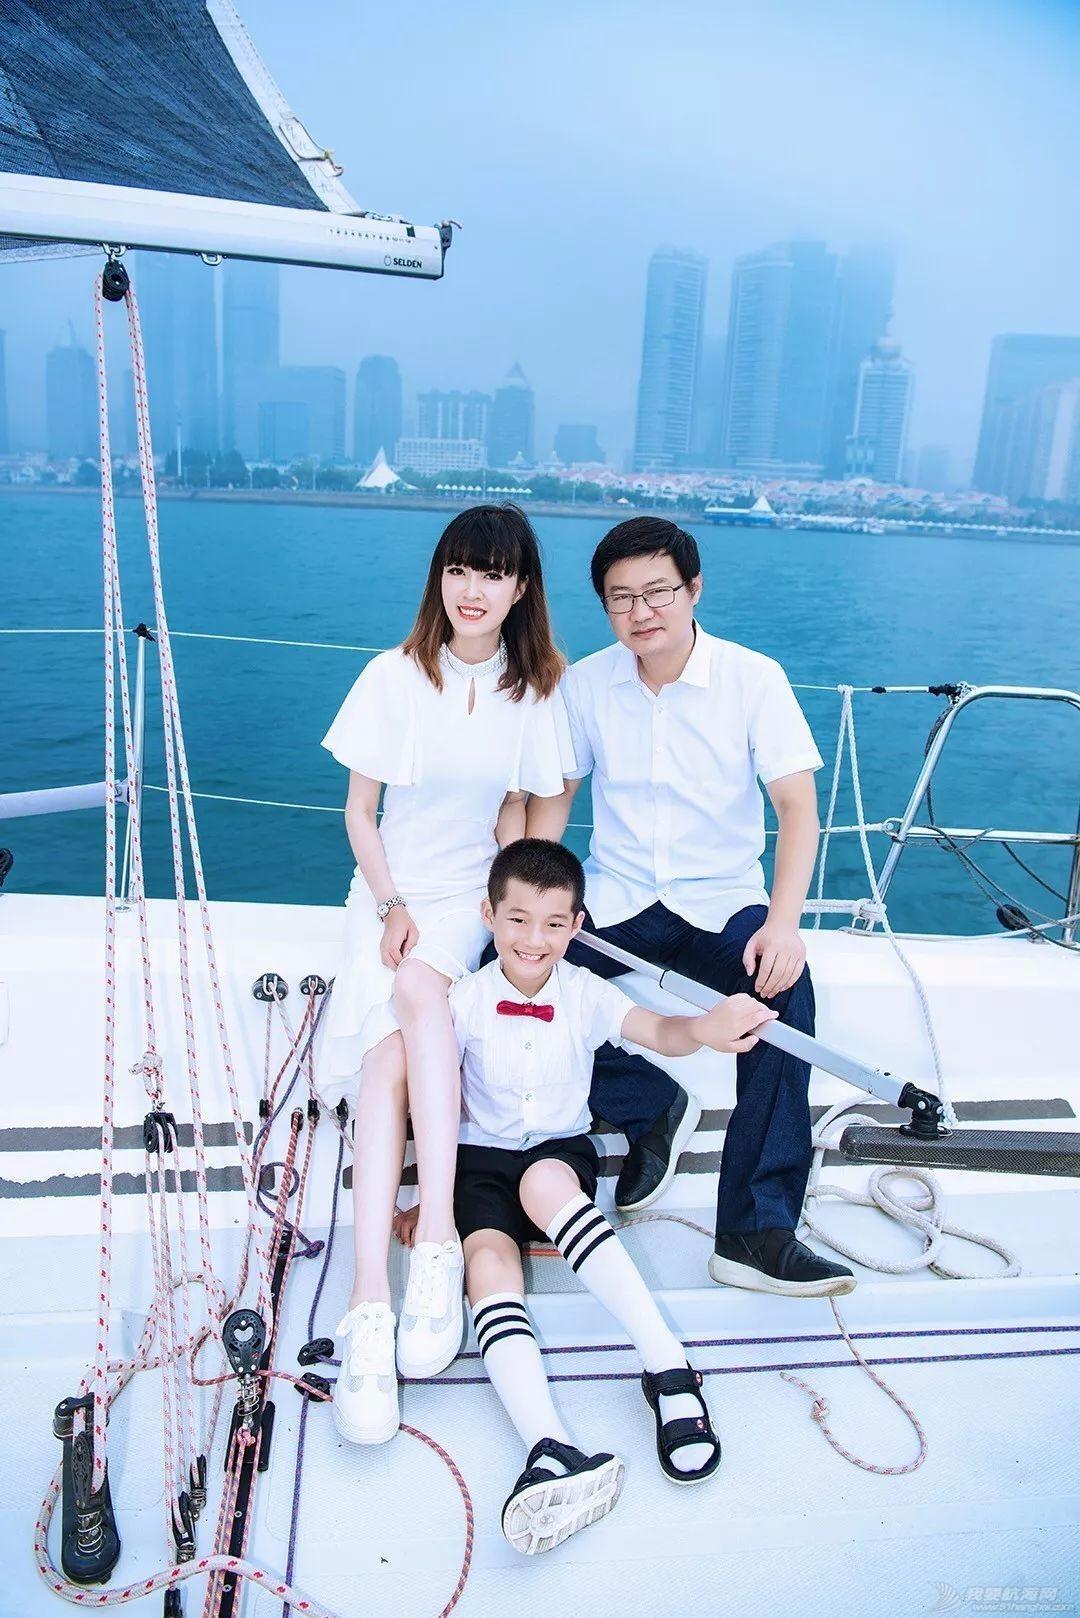 番外篇:用心热爱帆船的阿铁与小公|新中国70华诞特辑?w41.jpg